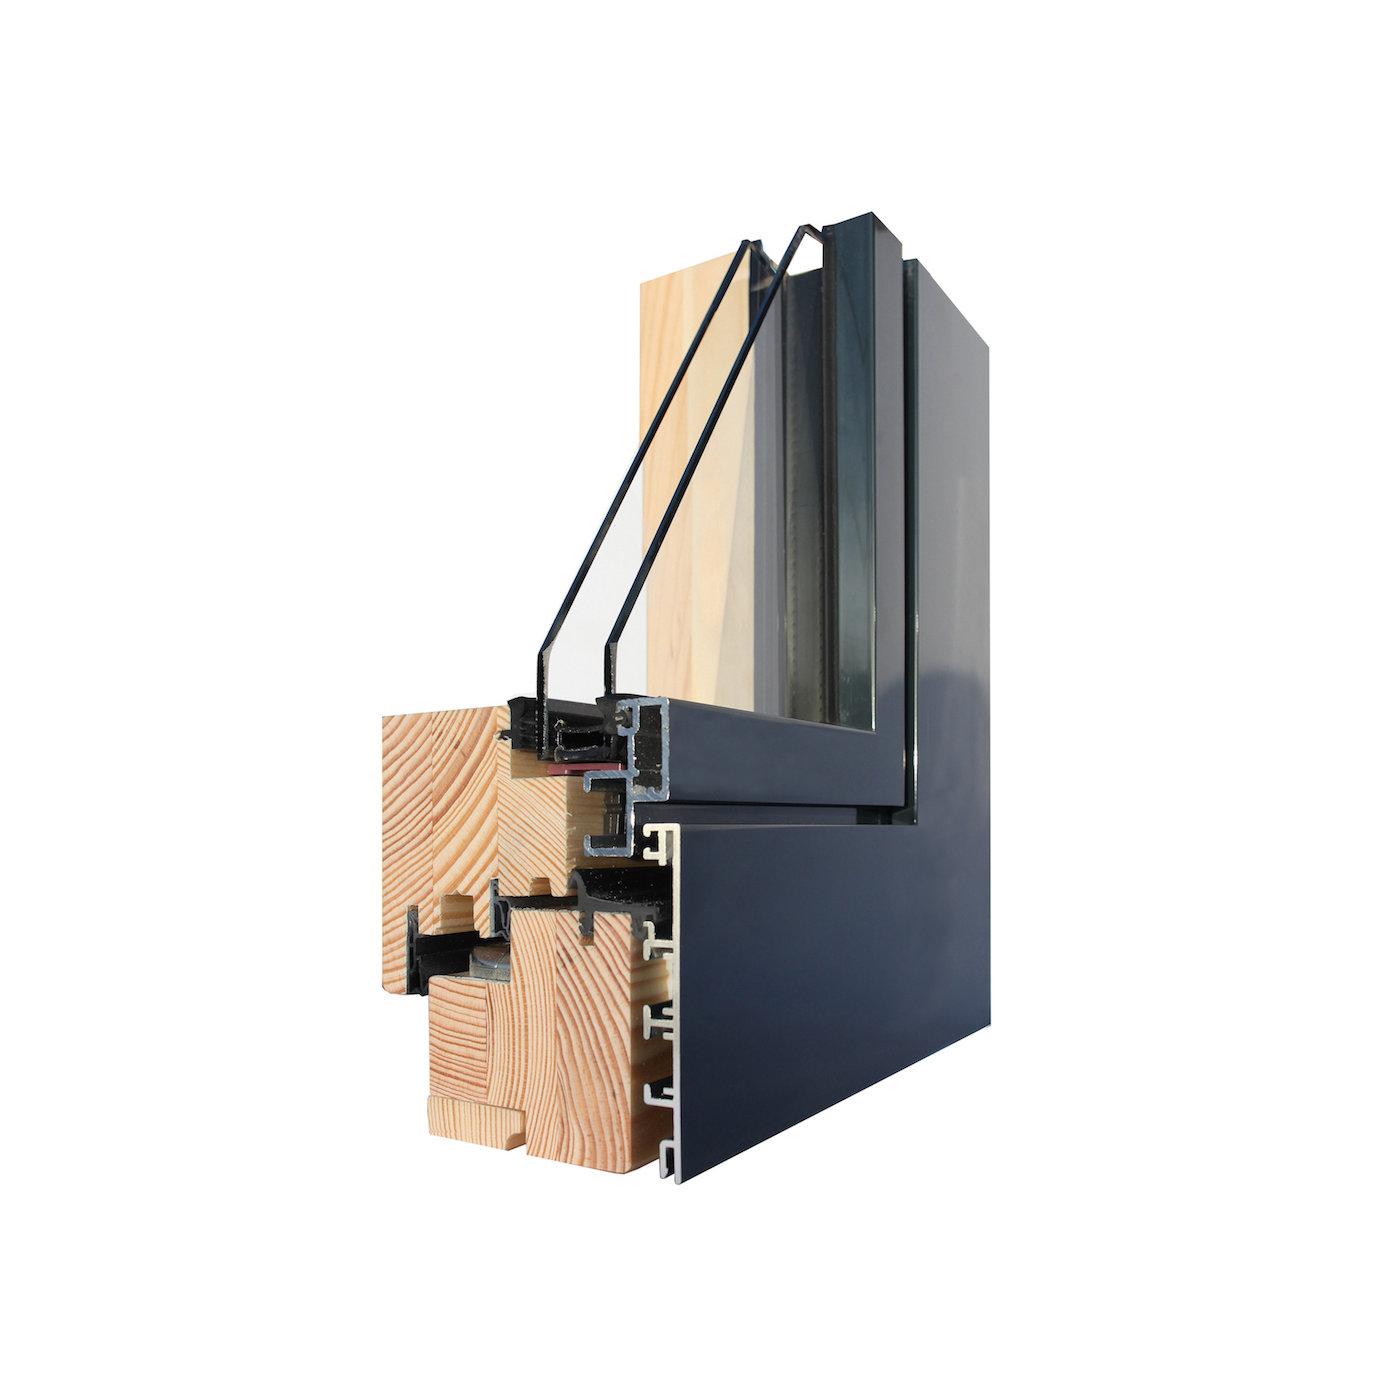 Full Size of Preisvergleich Fenster Holz Alu Kunststoff Aluminium Oder Preise Pro Qm Kosten Welches Preisunterschied Kunststofffenster Unilux Online Kostenvergleich Fenster Fenster Holz Alu